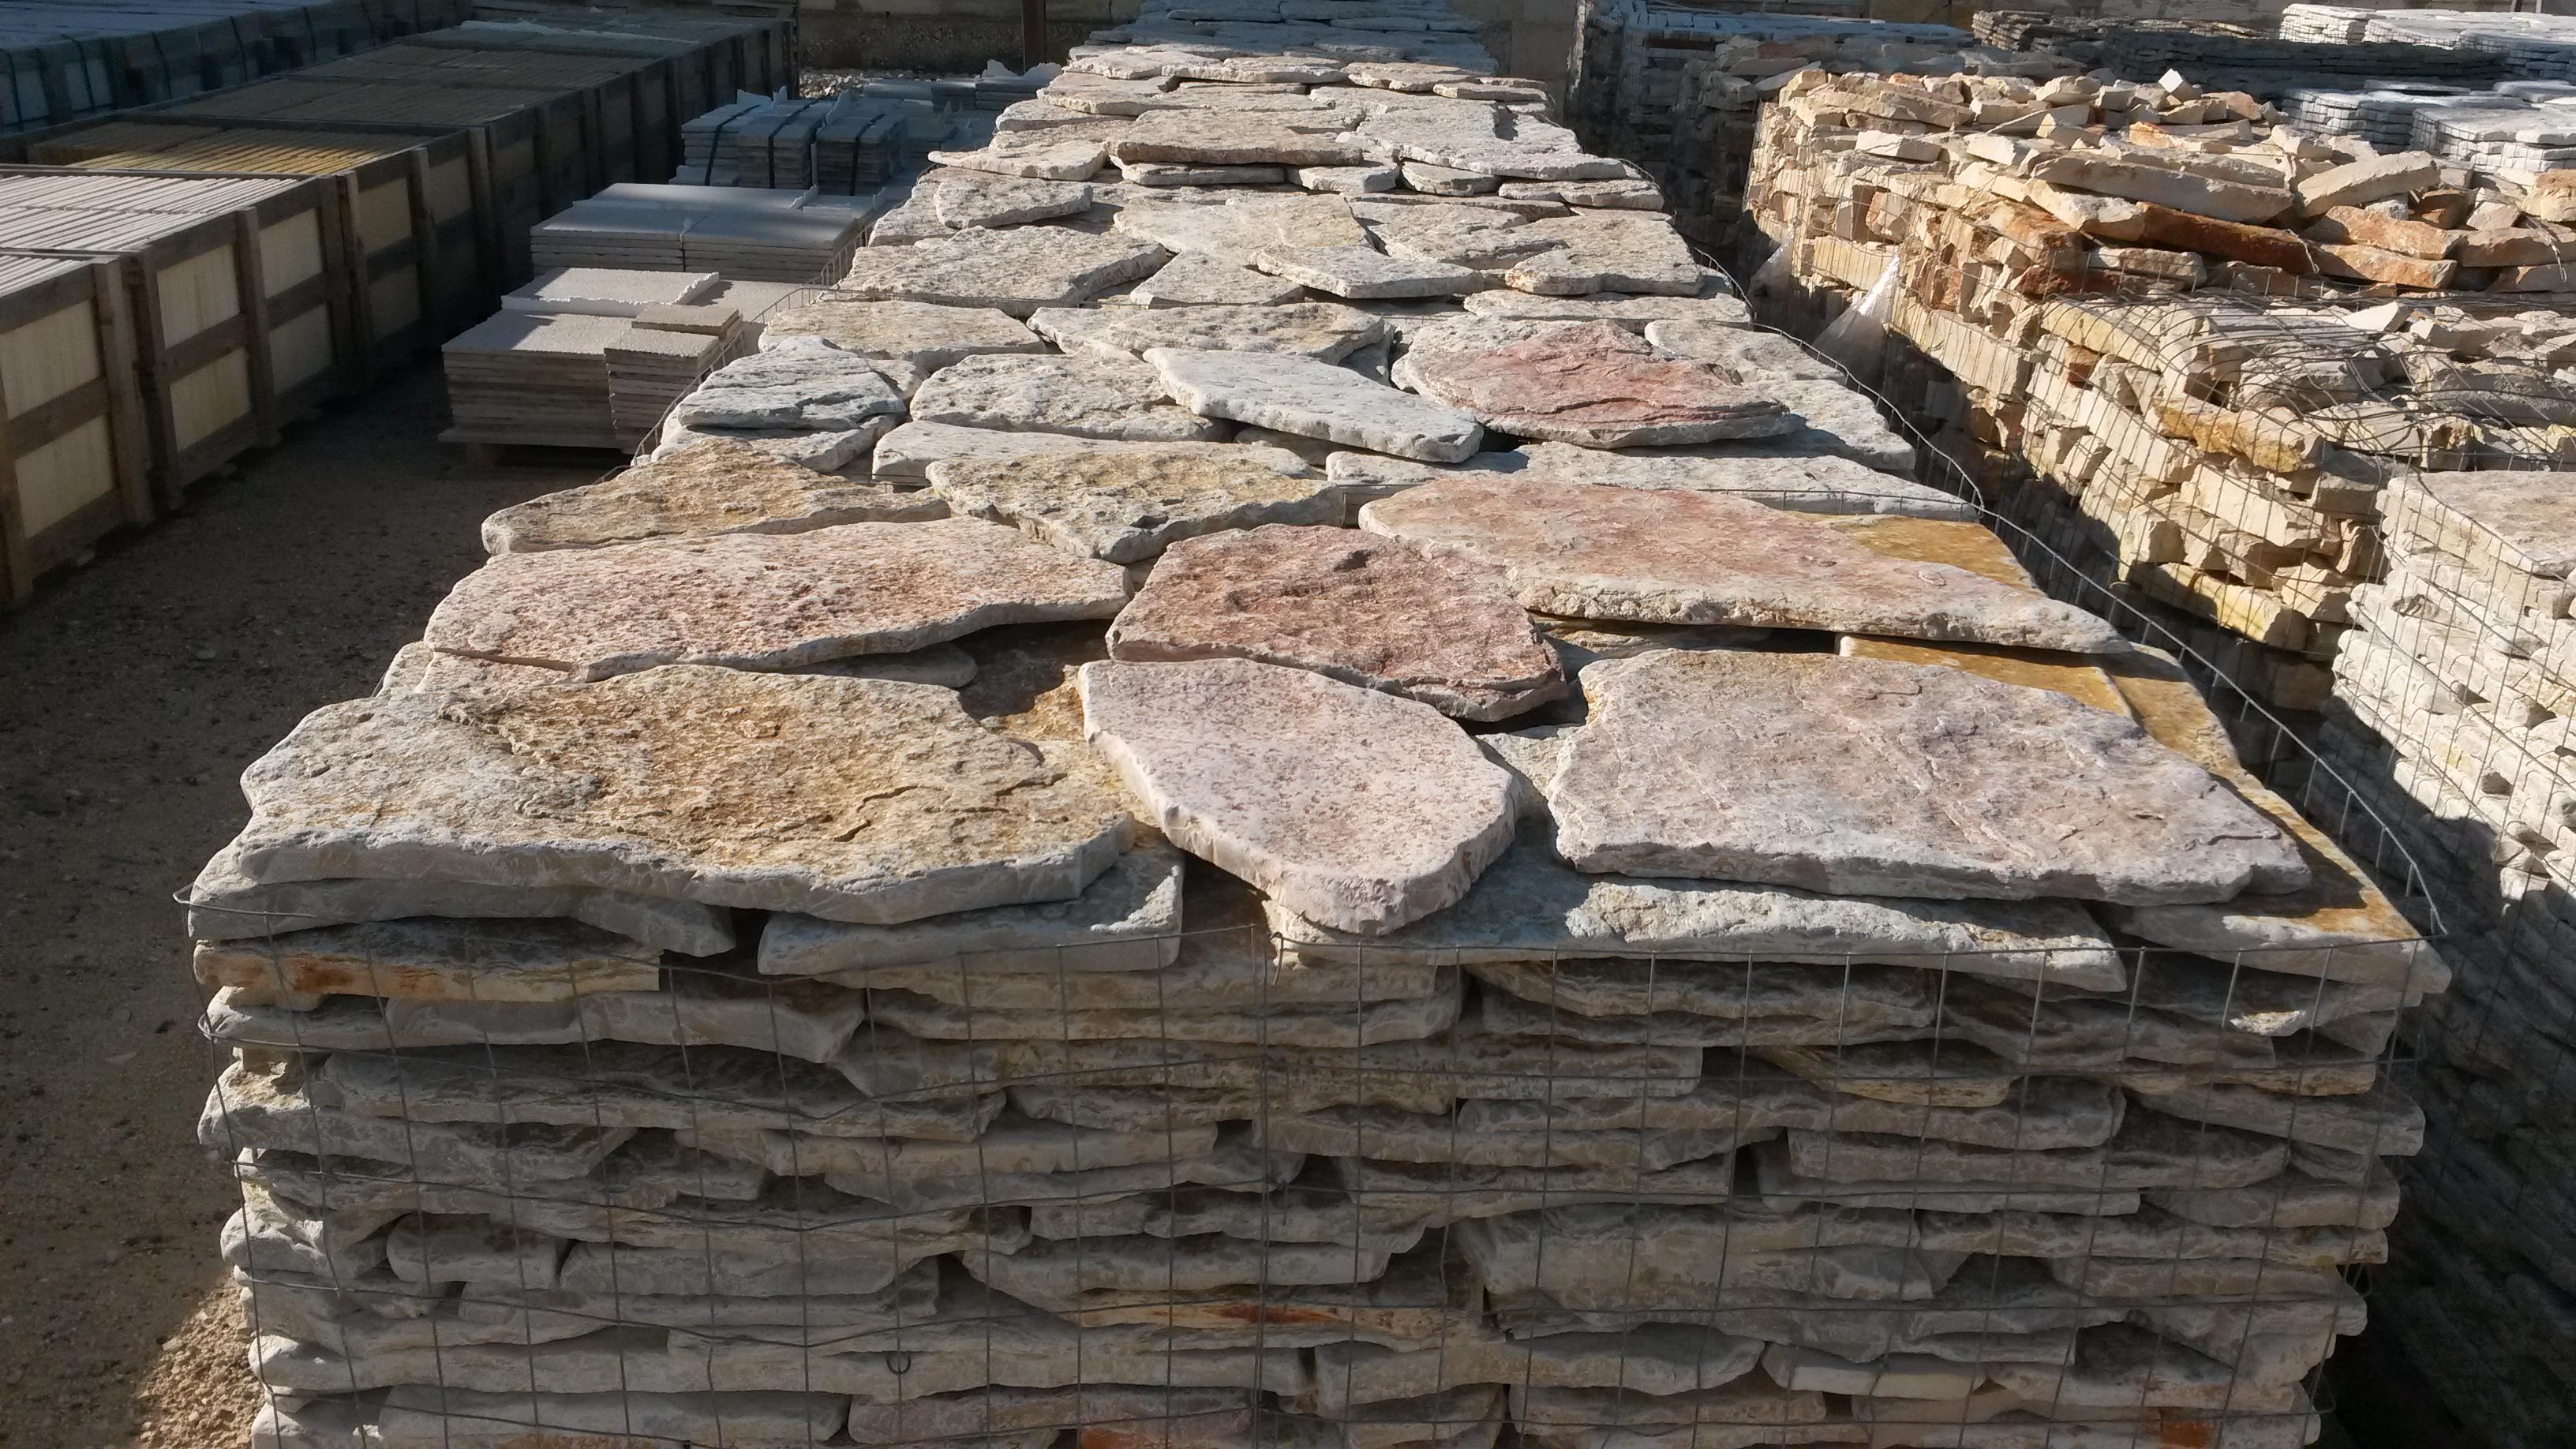 Pietra di trani puglia pavimenti e rivestimenti - Pietre per esterni ...